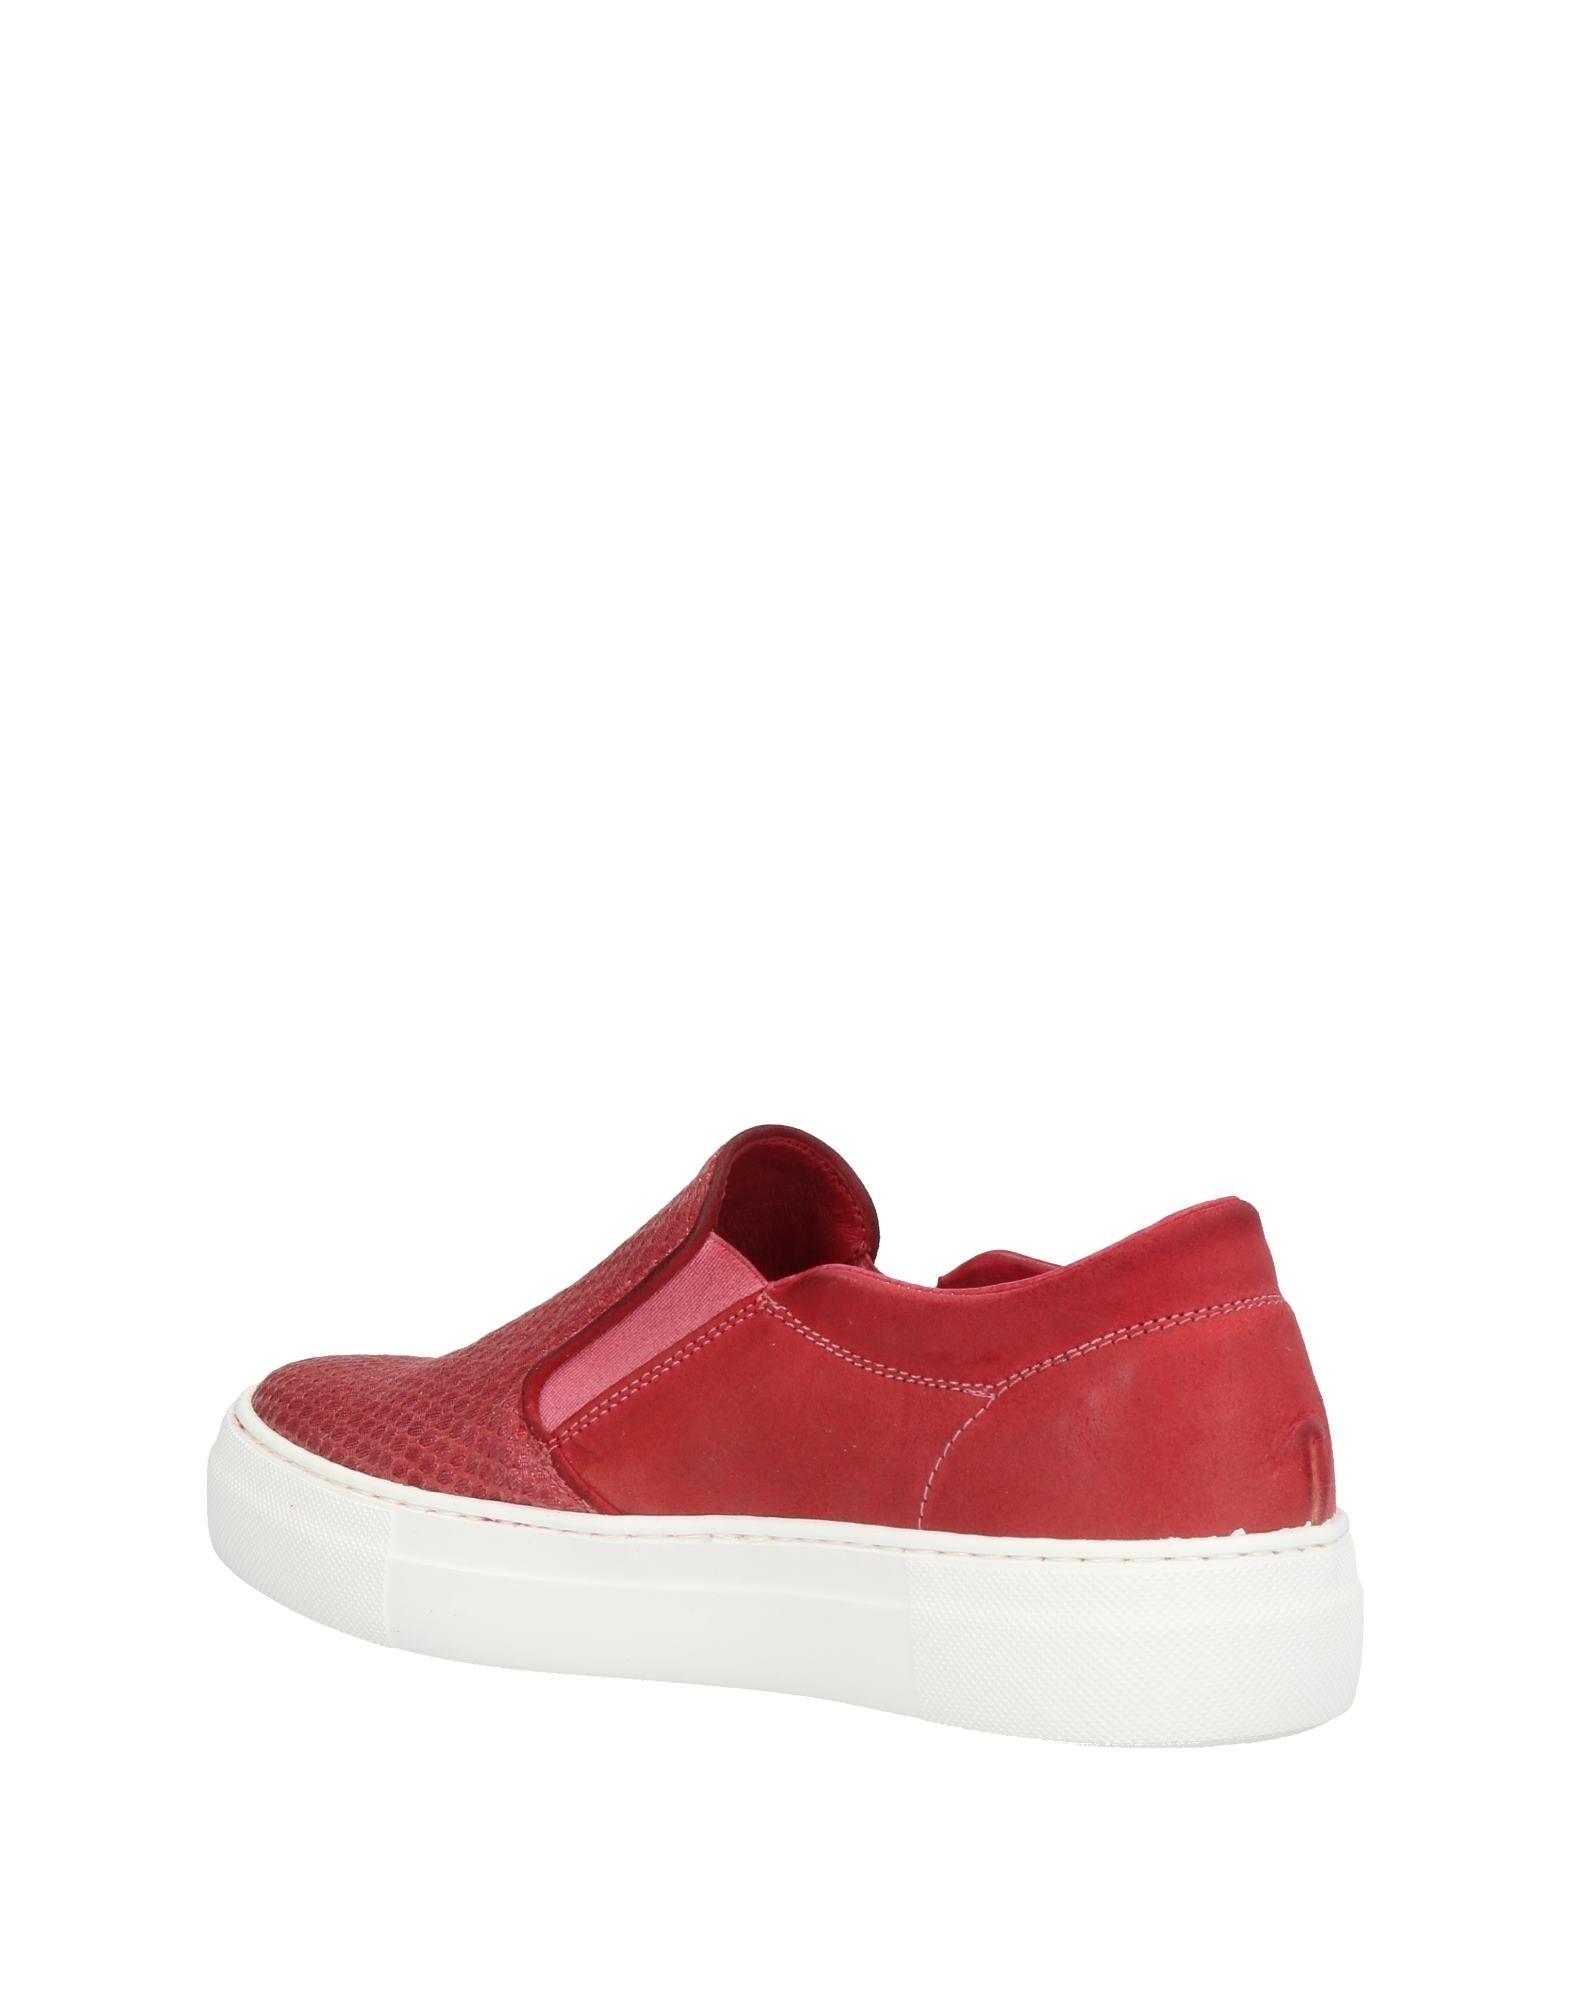 Sneakers Keep Originals Femme - Sneakers Keep Originals sur